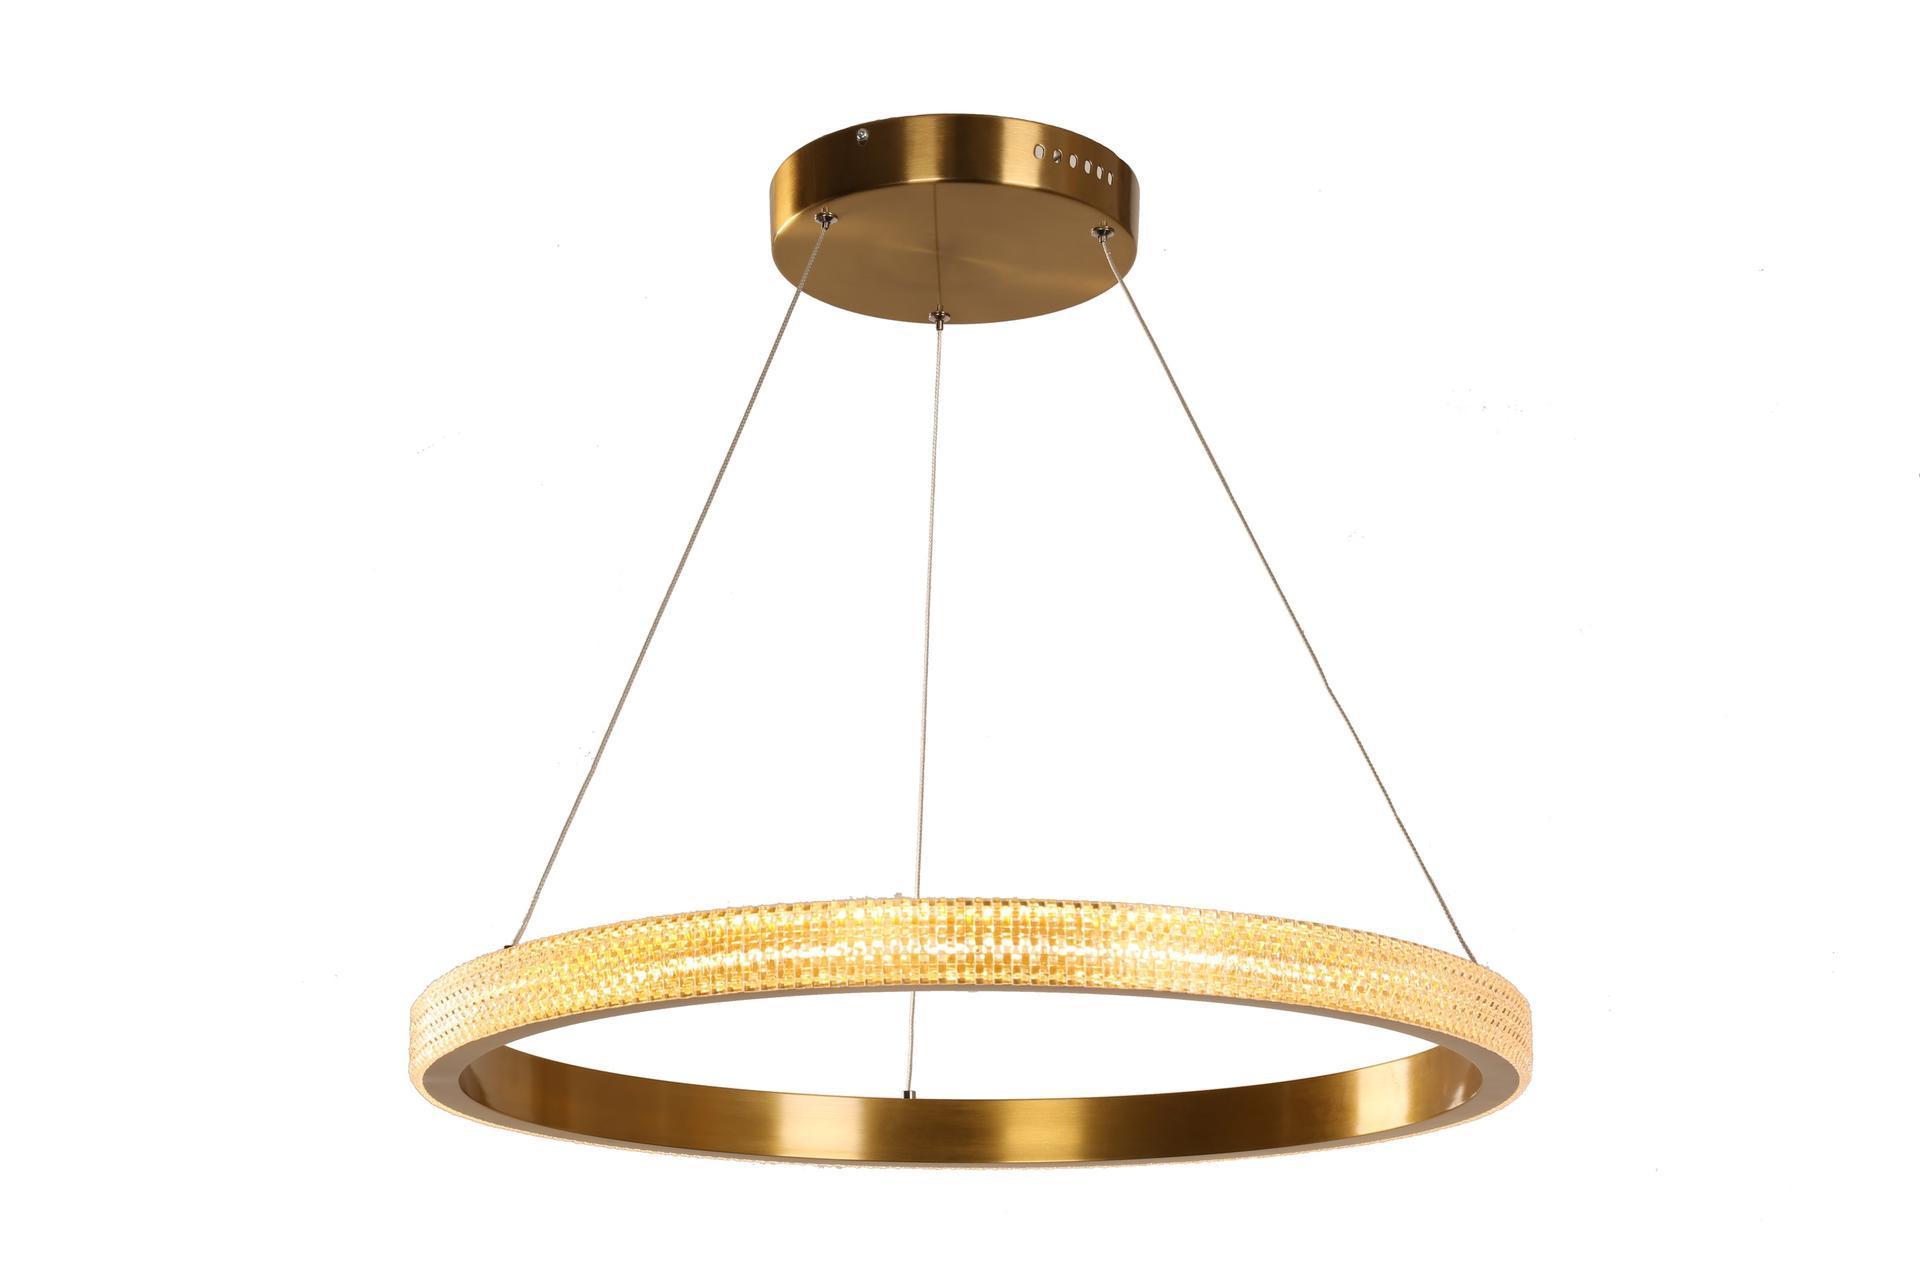 mordern modern light fixtures pendant for bar